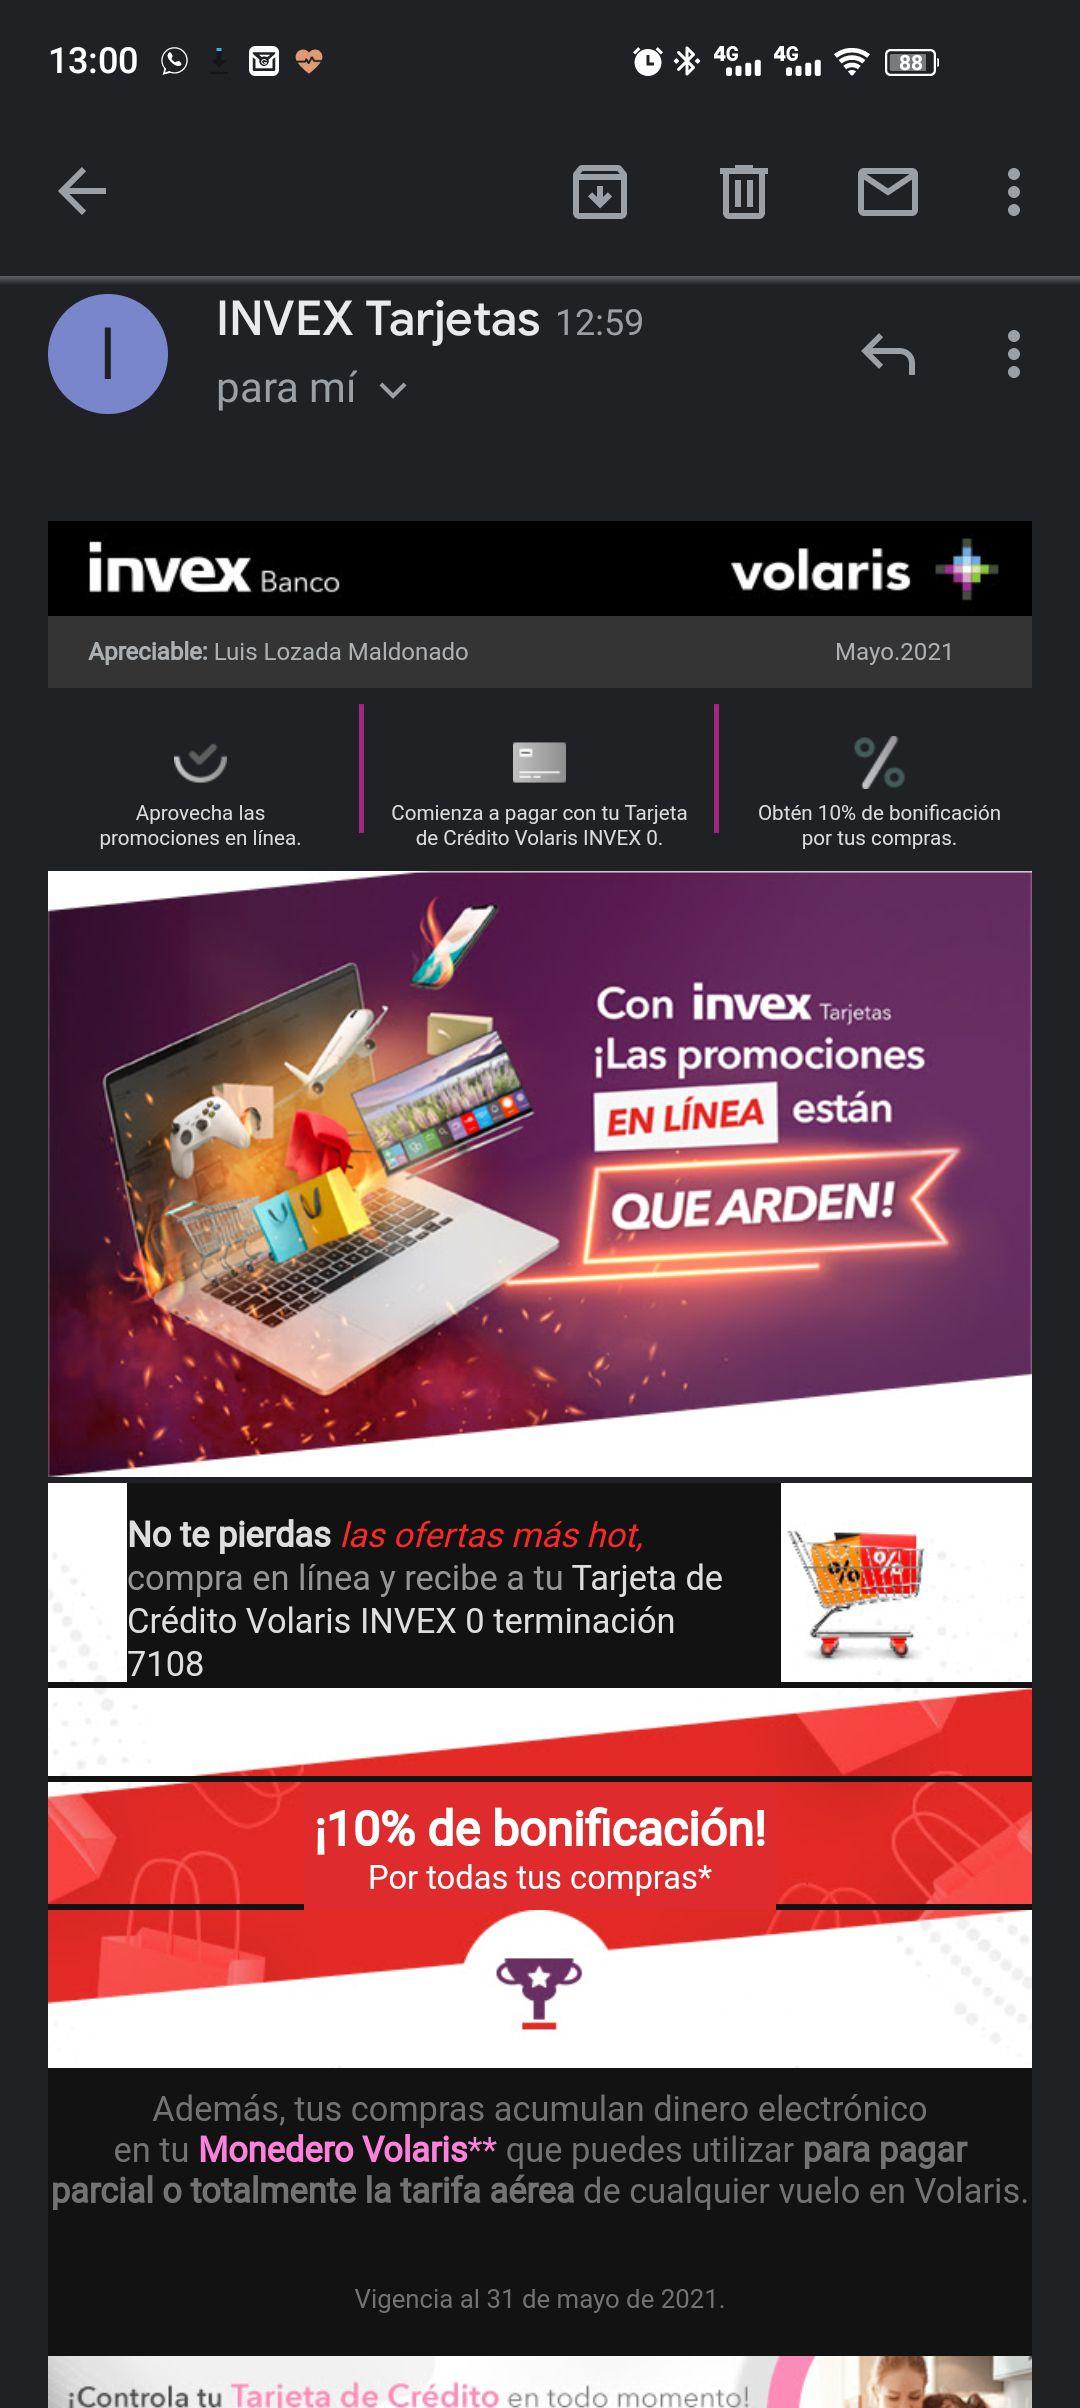 Promociones Hot Sale invex: 10% de bonificacion